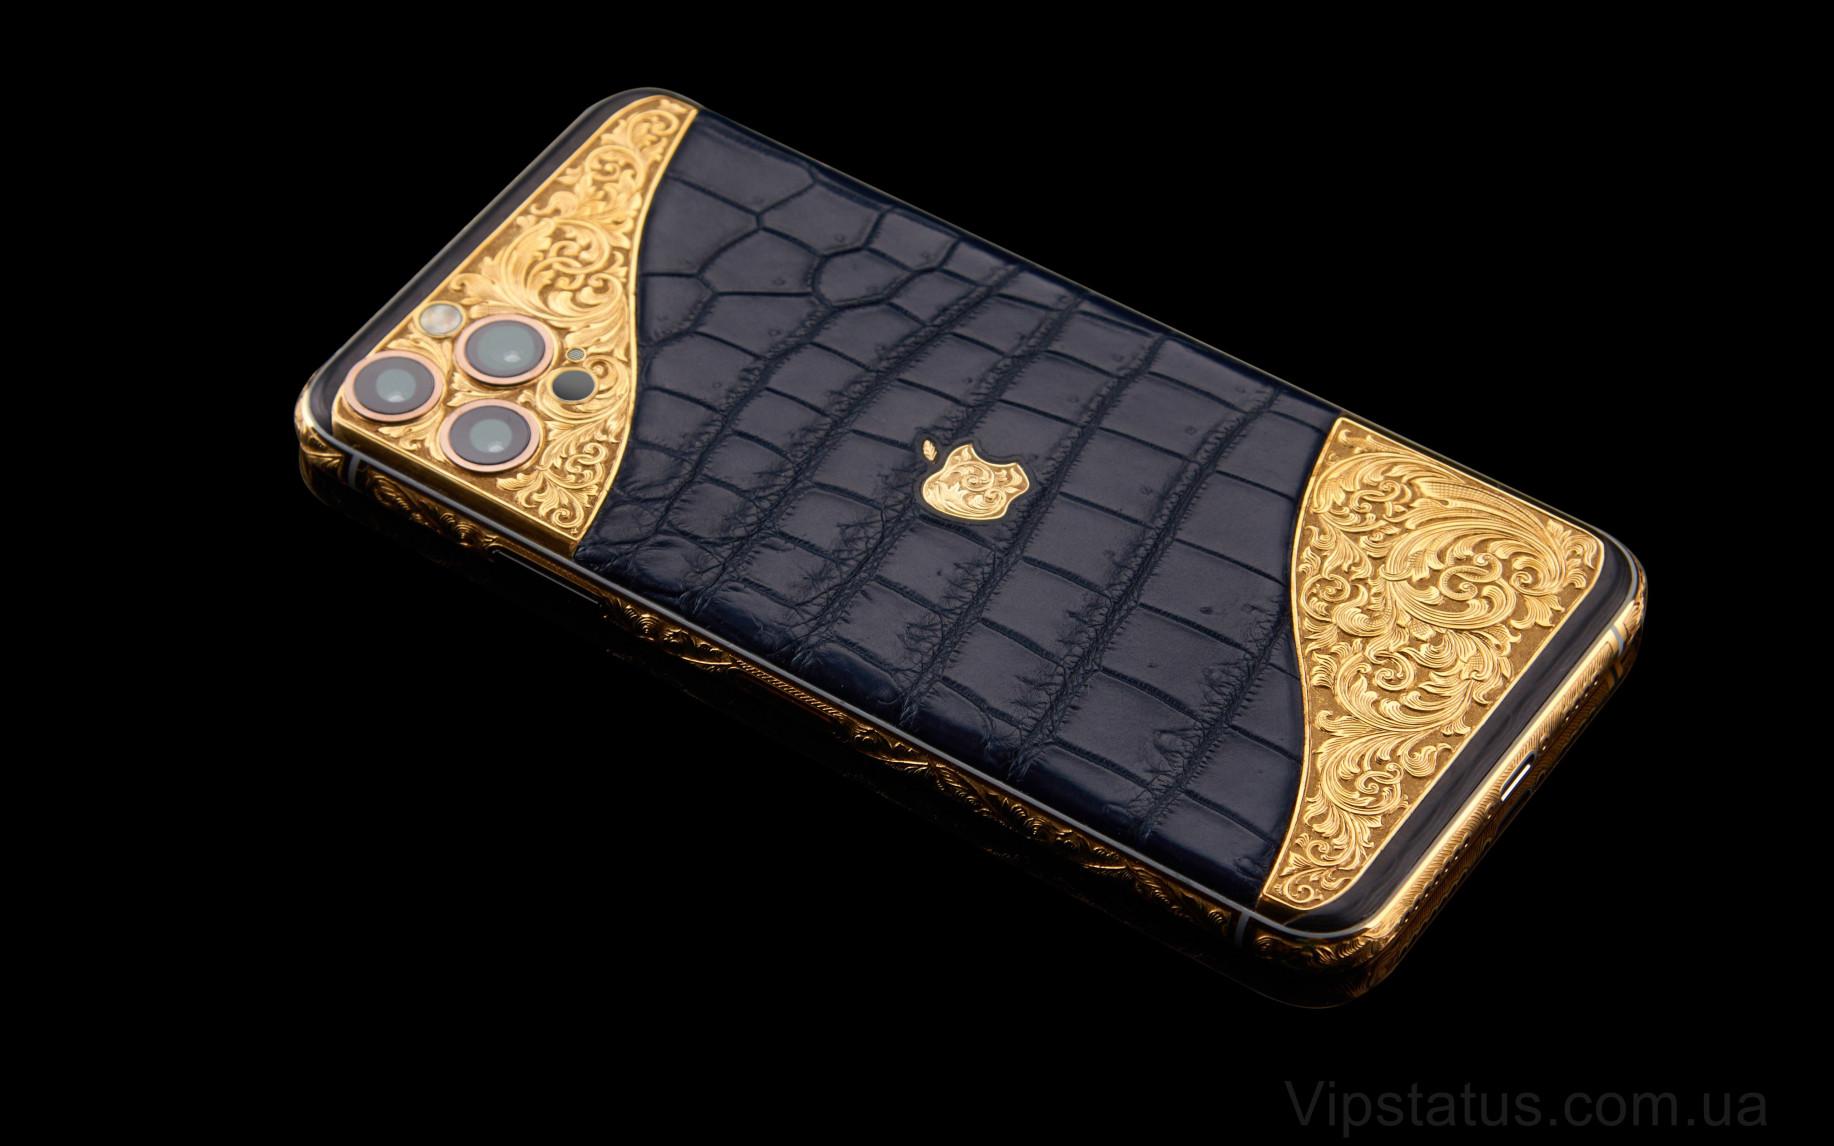 Elite Gold Aristocrate IPHONE 12 PRO MAX 512 GB Gold Aristocrate IPHONE 12 PRO MAX 512 GB image 3